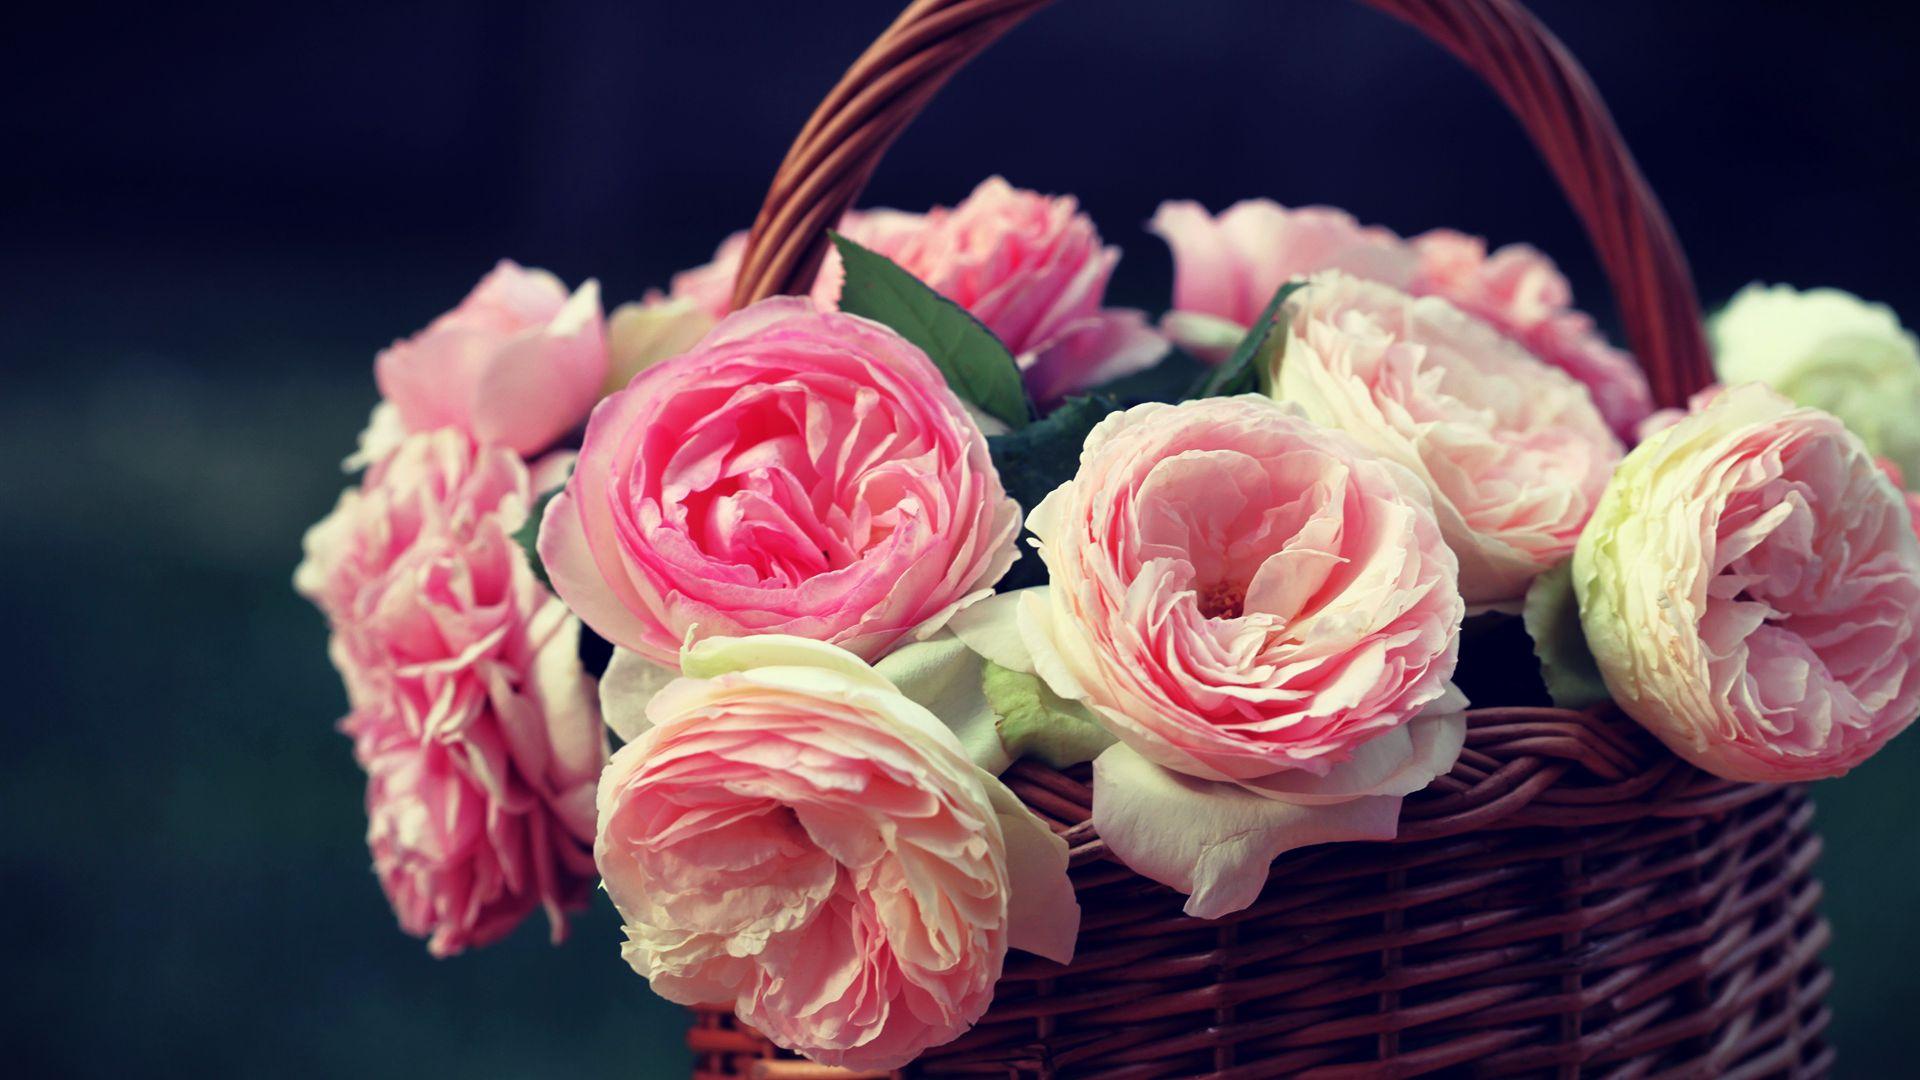 cute pink roses wallpaper 23392